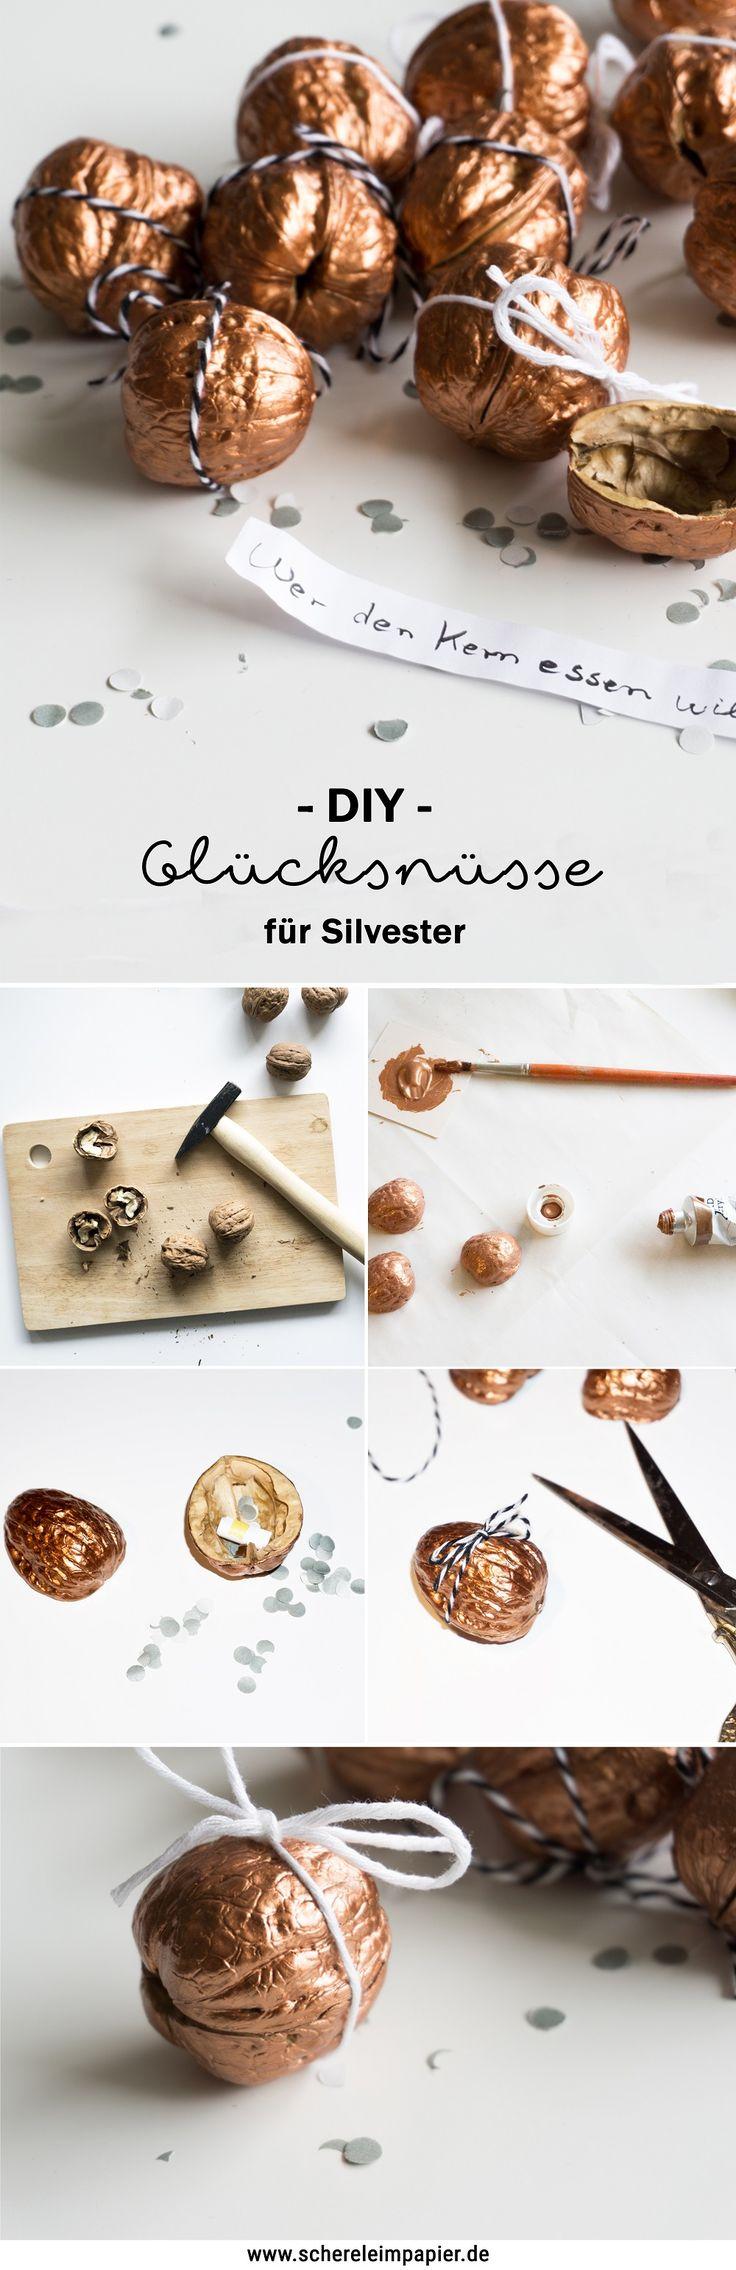 DIY Silvester Deko basteln: Glücksbringer / Glücksnüsse mit Kupfer anstatt von Glückskeksen. Die Anleitung inkl. Tipp, wie ihr die Nüsse unbeschadet öffnet, findet ihr auf dem Blog!